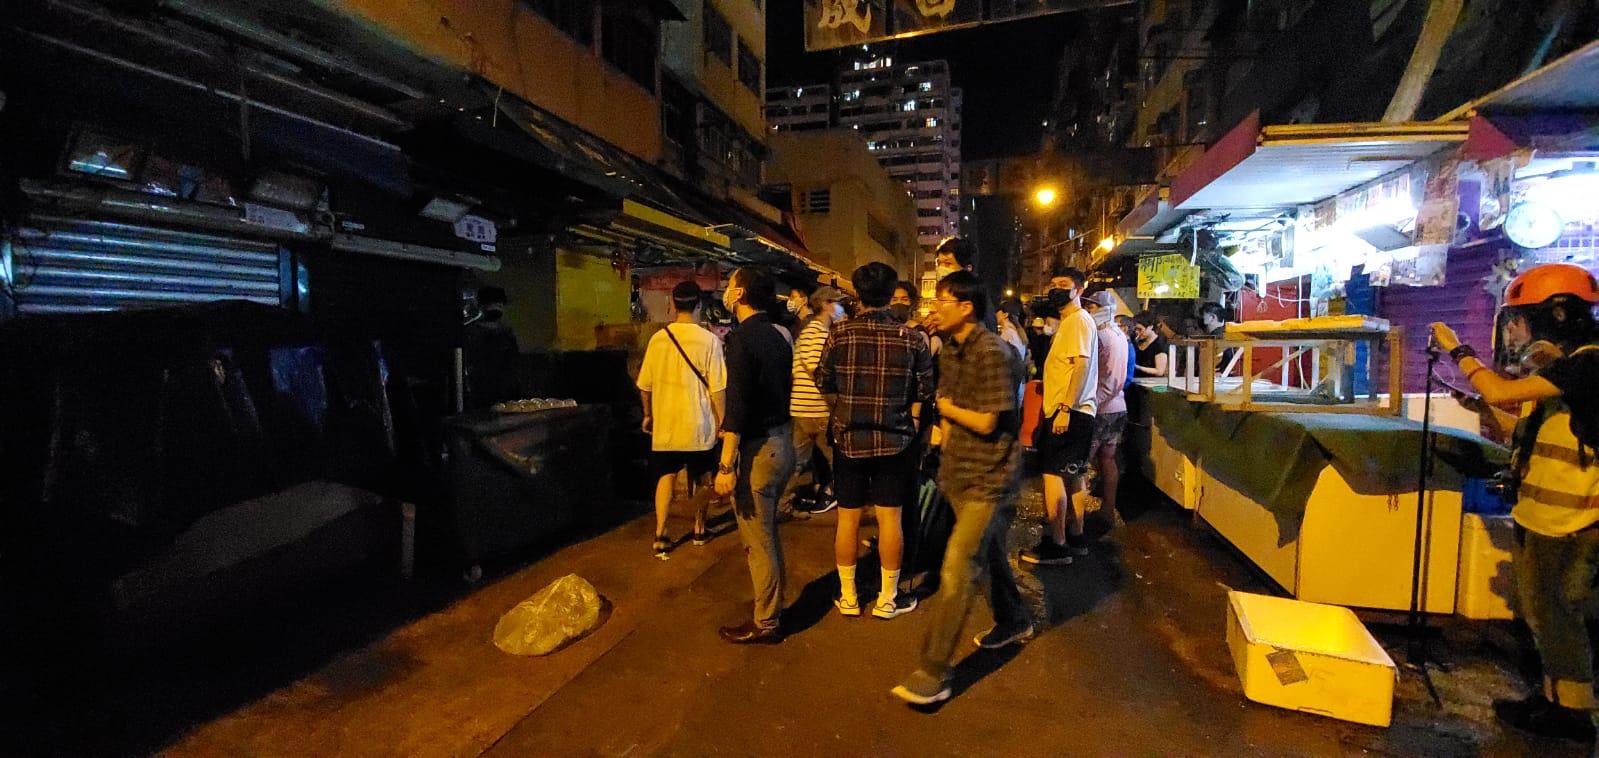 旺角街市附近有人疑持菜刀襲擊示威者。